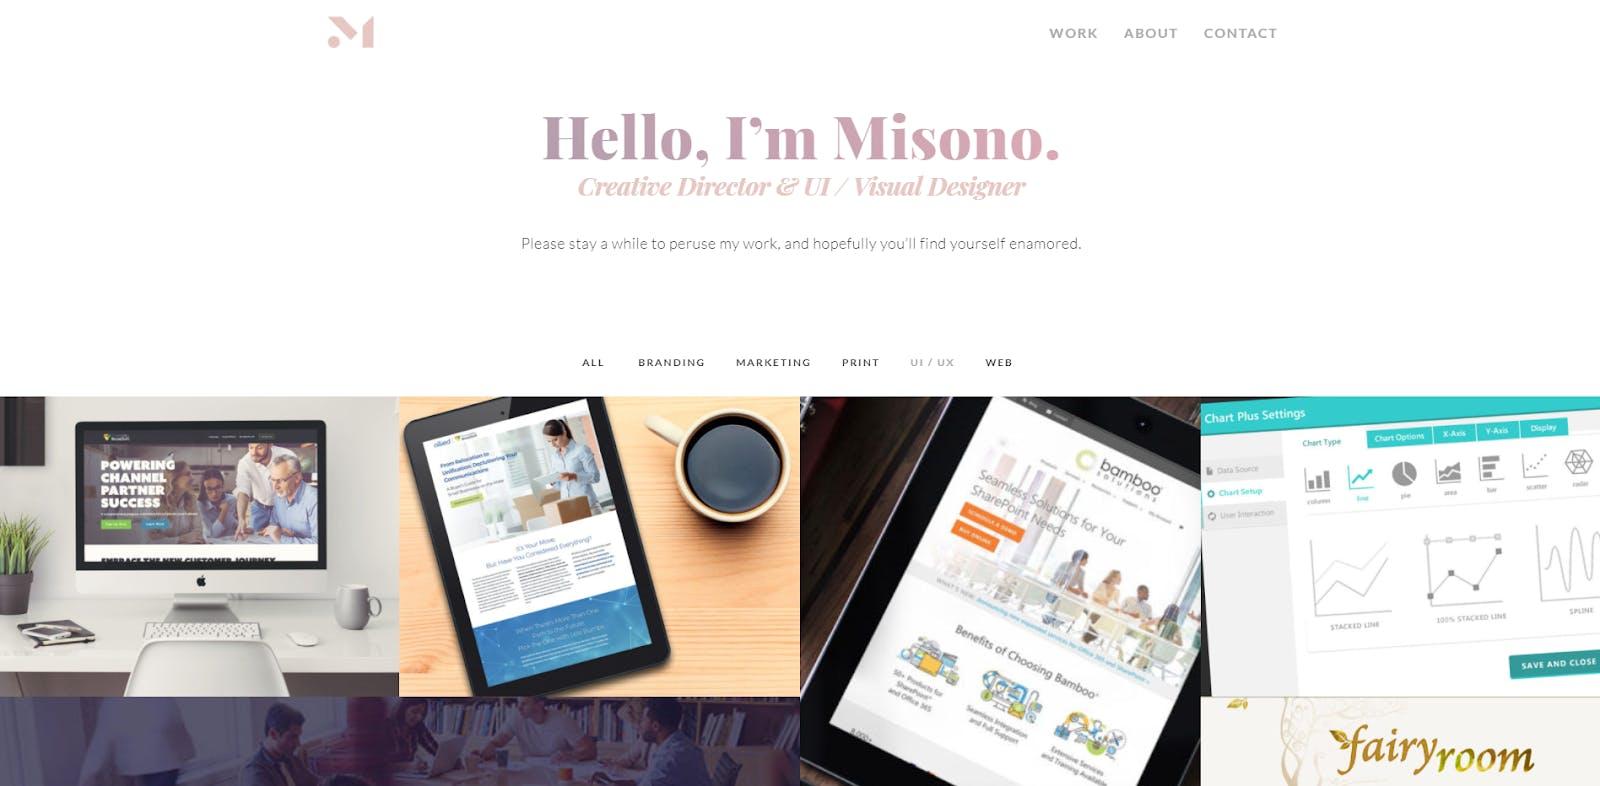 landing page creative director Misono Yokoyama Allen designer